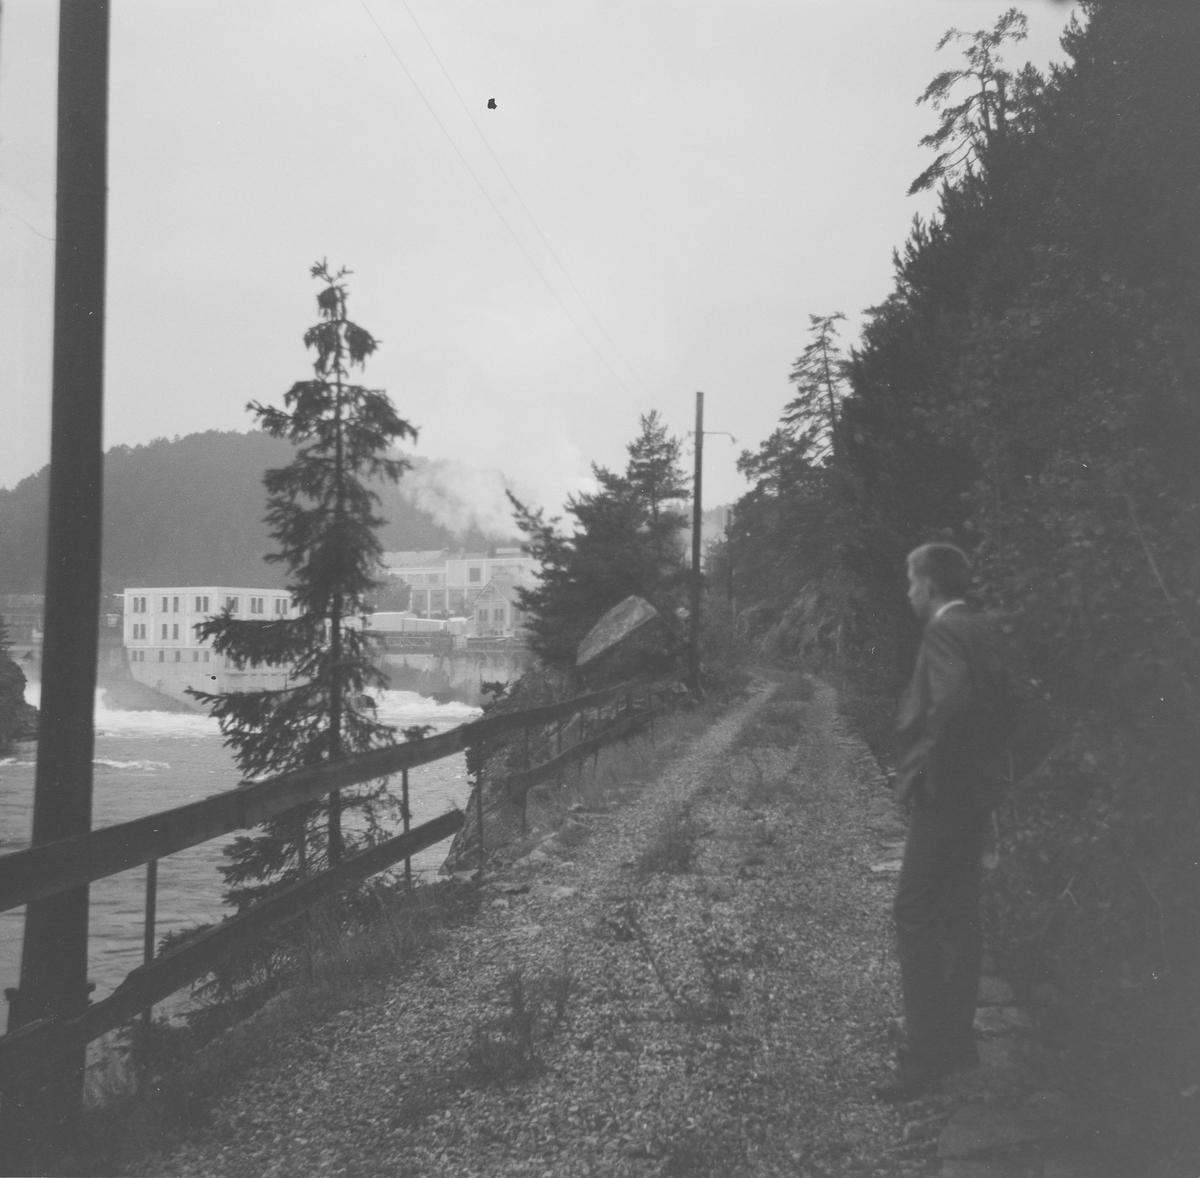 Langs den opprinnelige traseen etter jernbanen ved Skotfos Brug, Norges første elektriske jernbane.